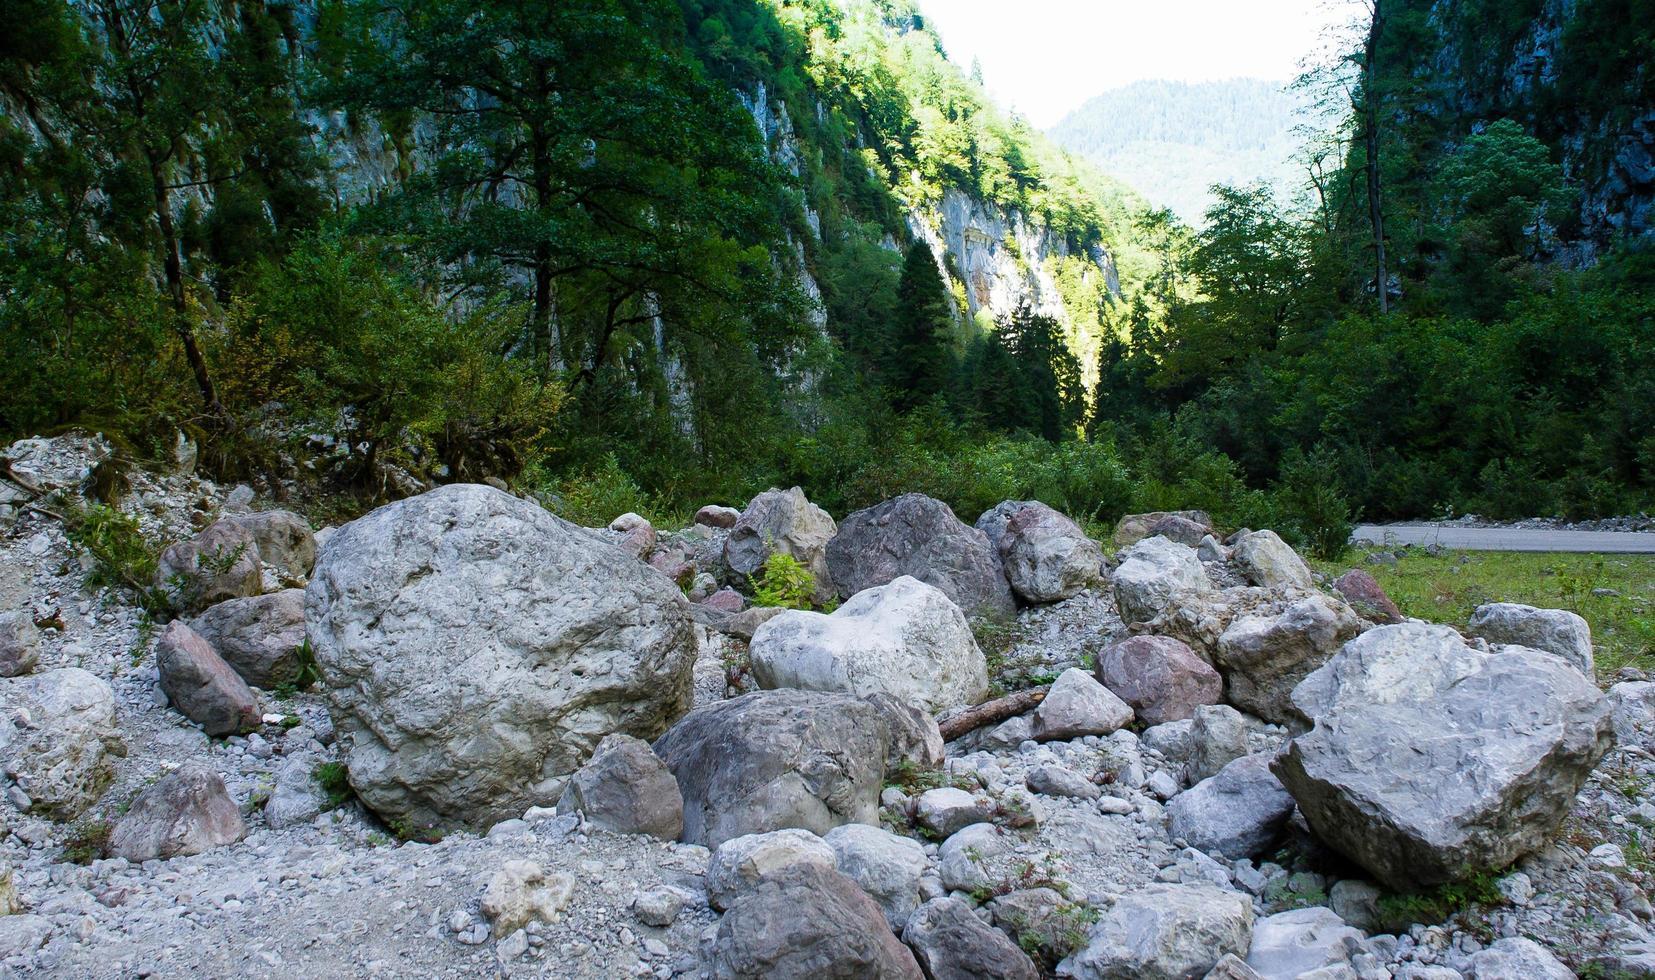 bergslandskap med stora stenar på vägen foto